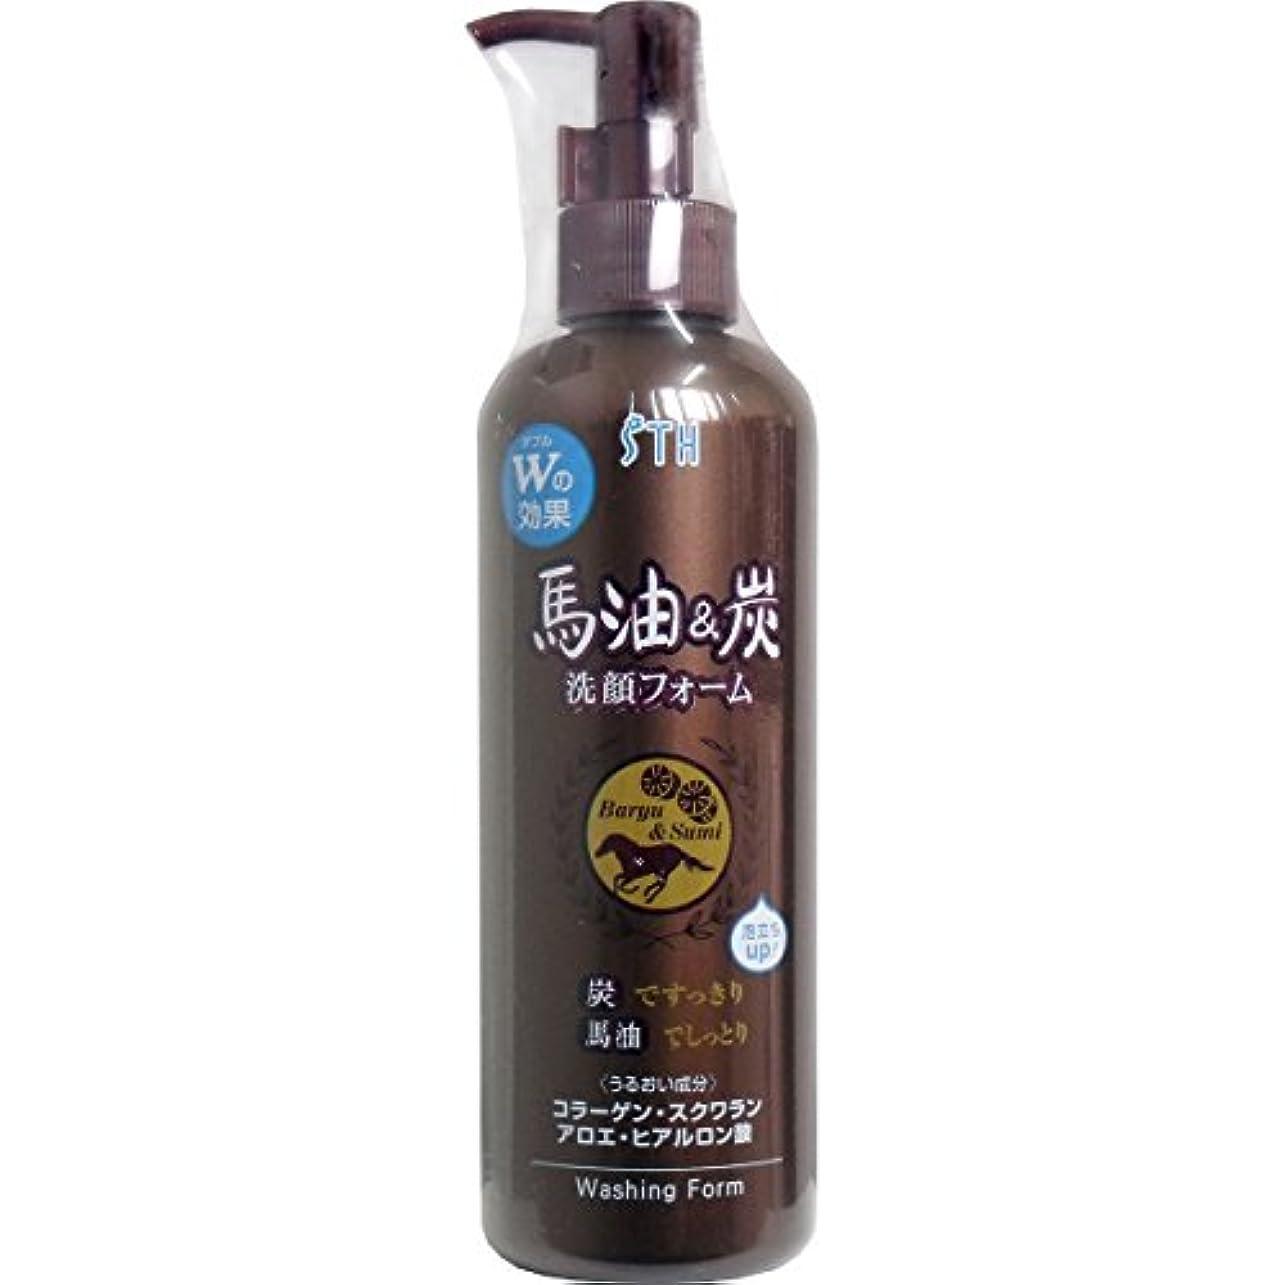 馬油&炭 洗顔フォーム ポンプ 250ml 1個